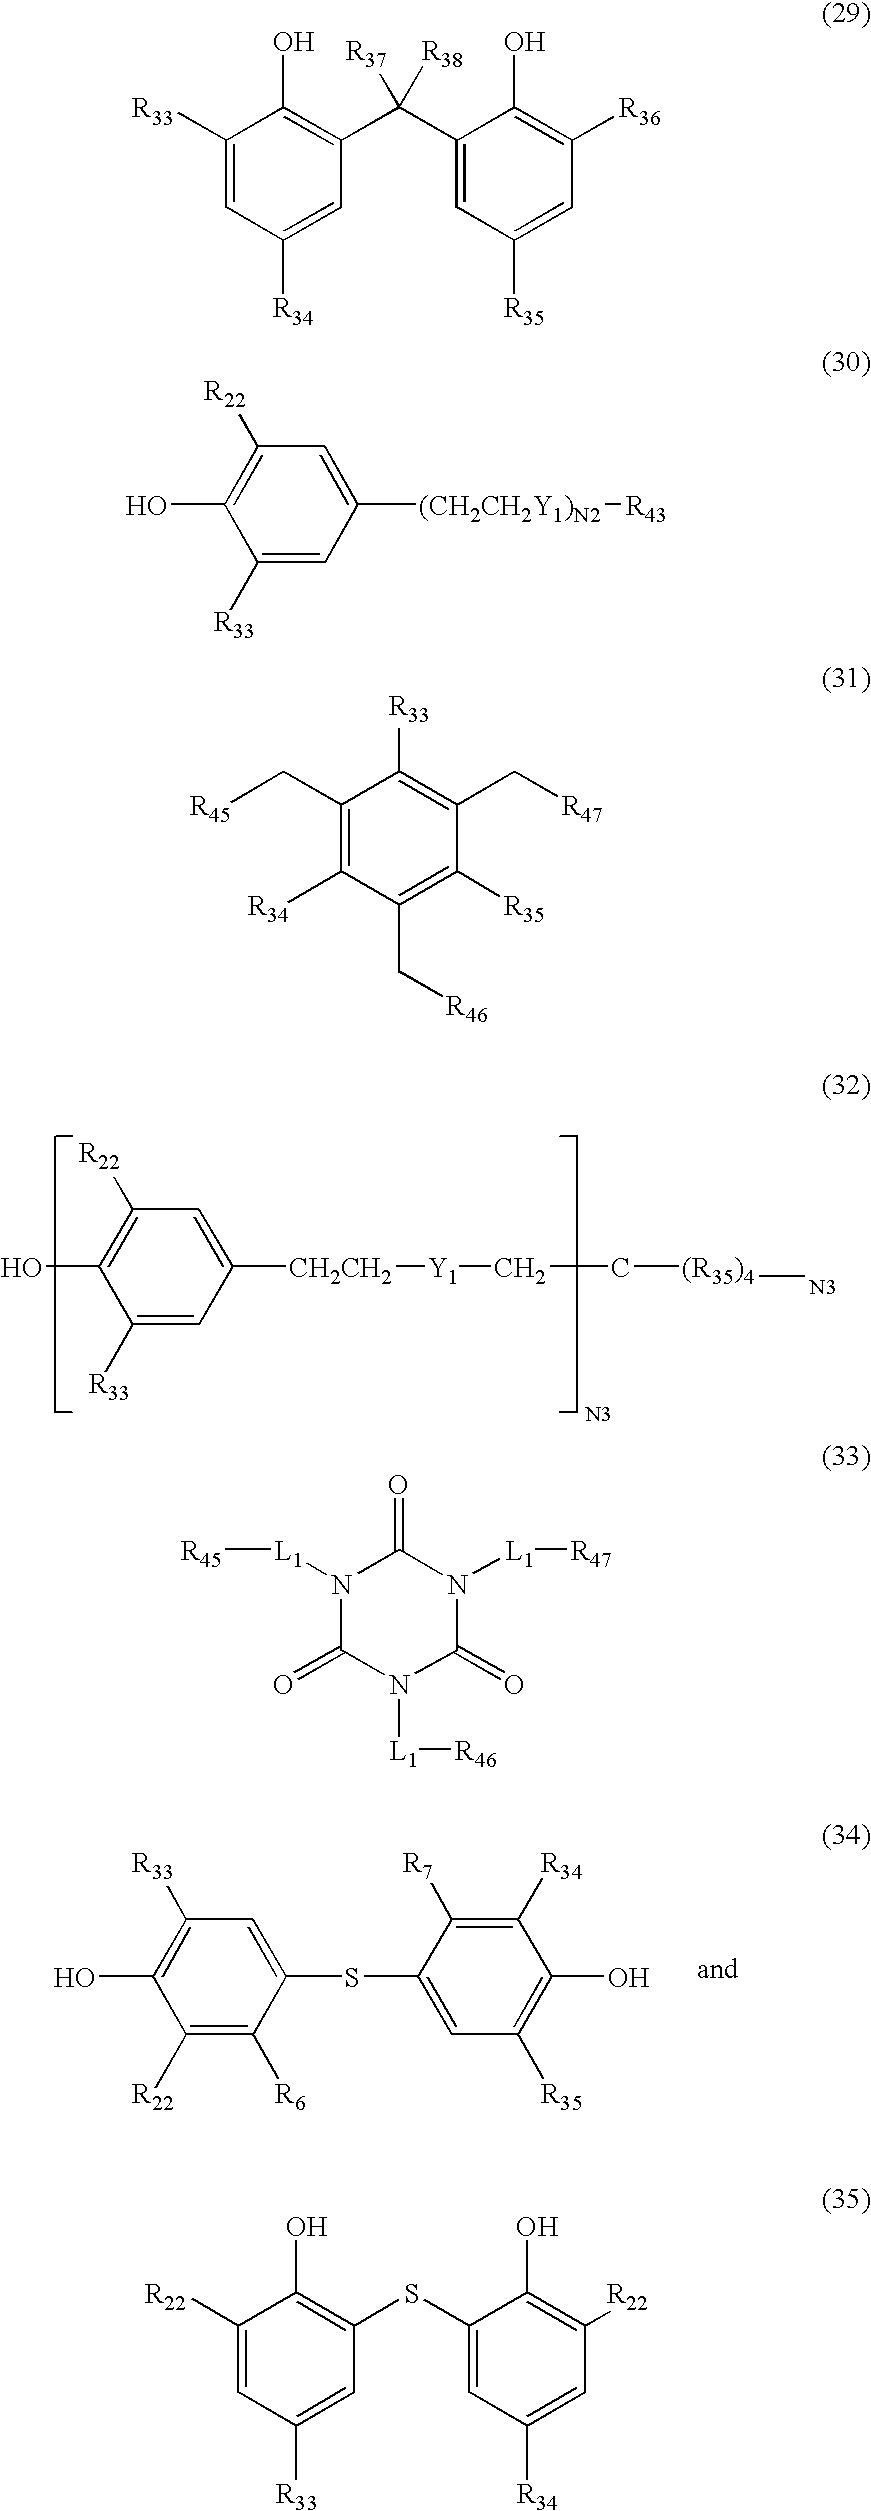 Figure US20050288400A1-20051229-C00021